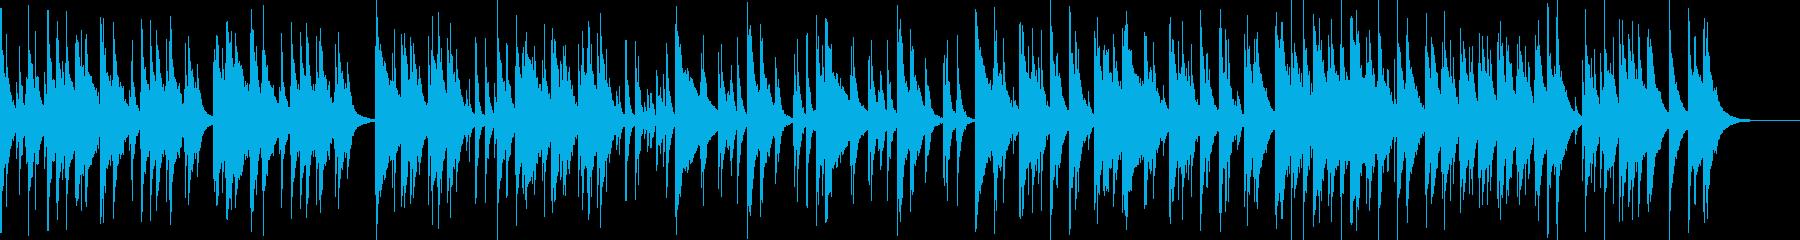 日本伝統音楽6(和太鼓)の再生済みの波形